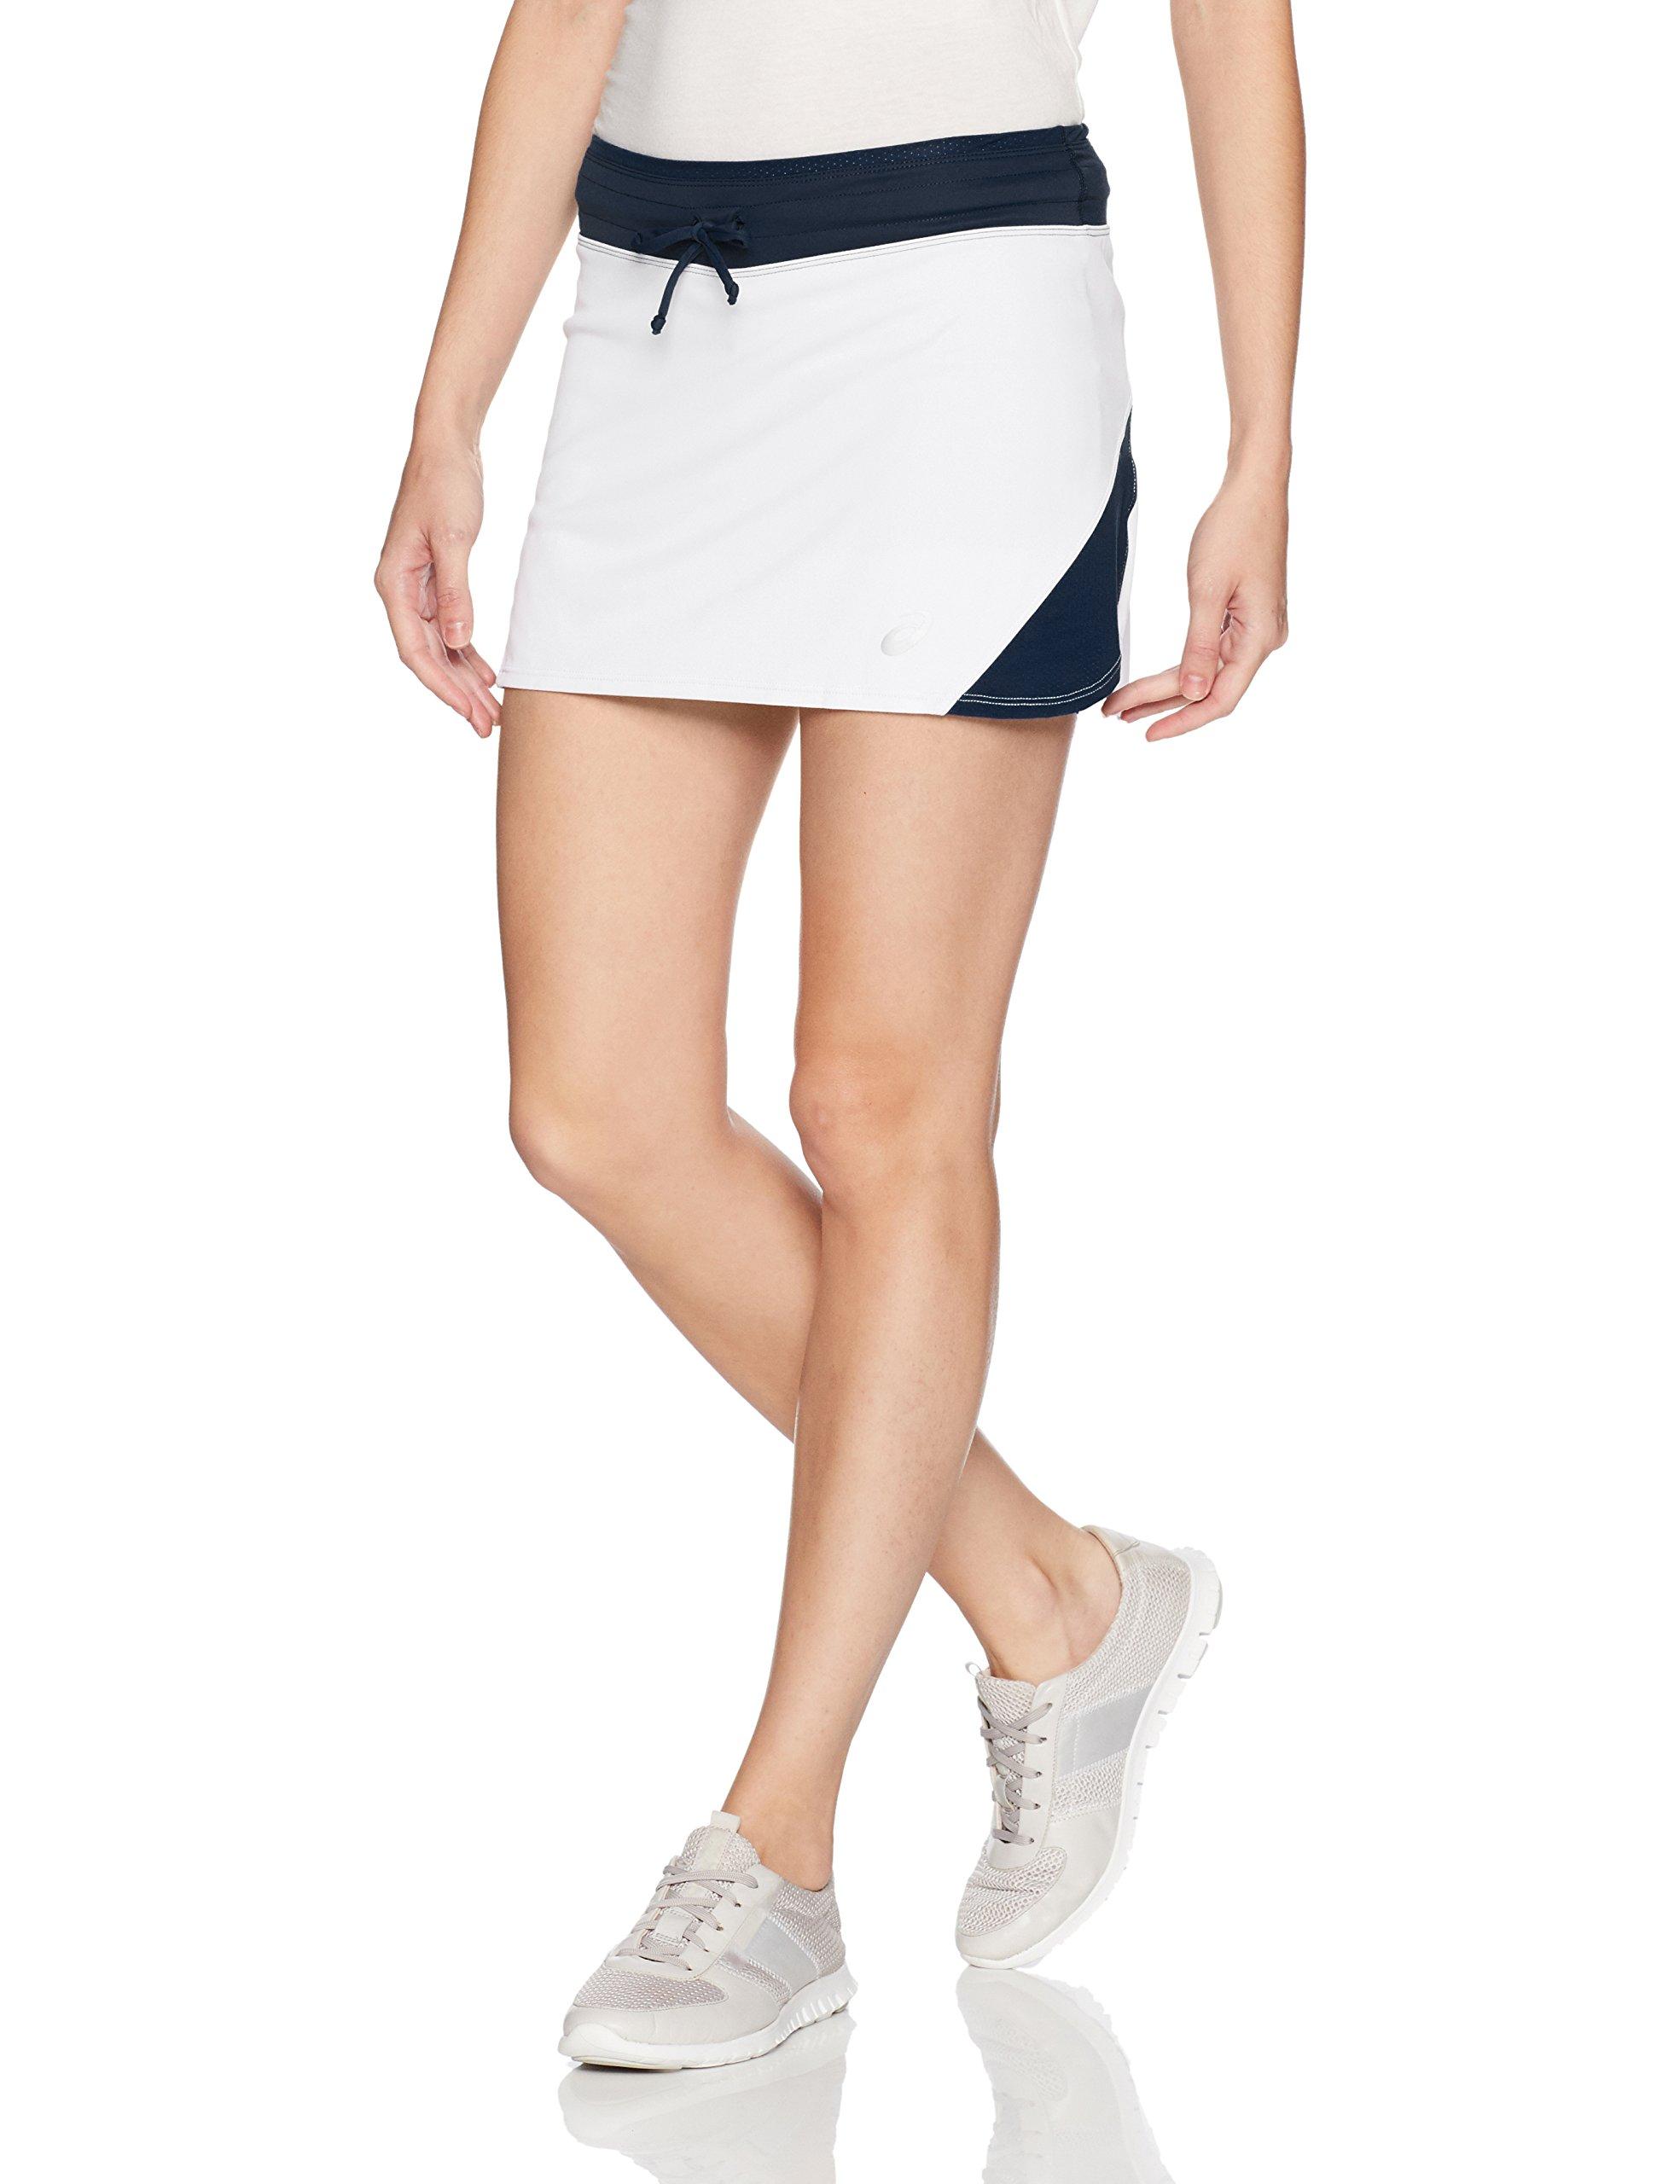 ASICS Women's Spin Slice Skort, White/Navy, Small